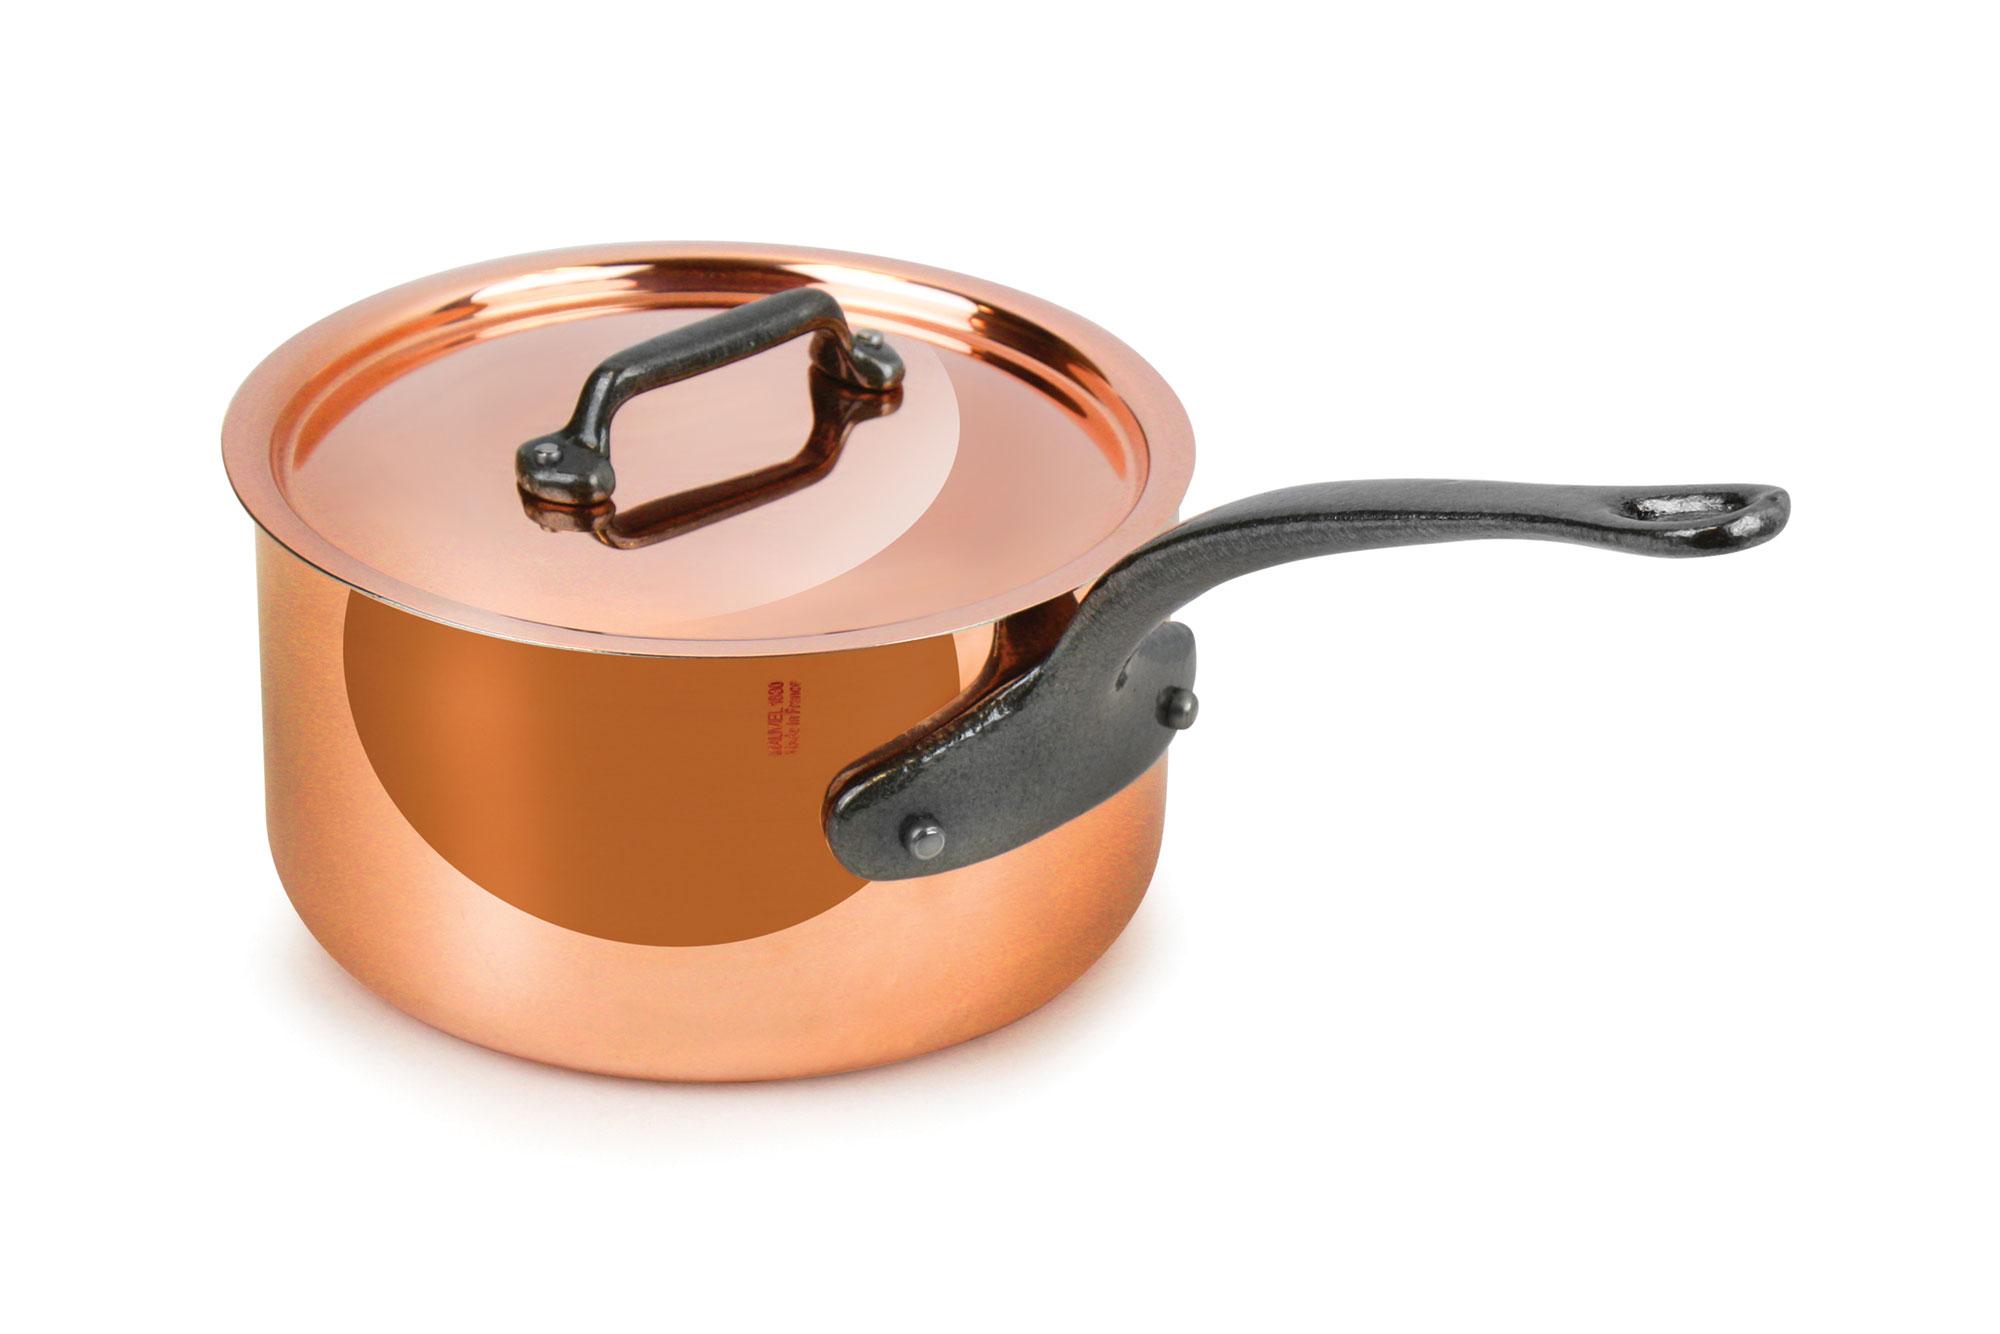 Mauviel M Heritage 150c Copper Saucepan 1 9 Quart